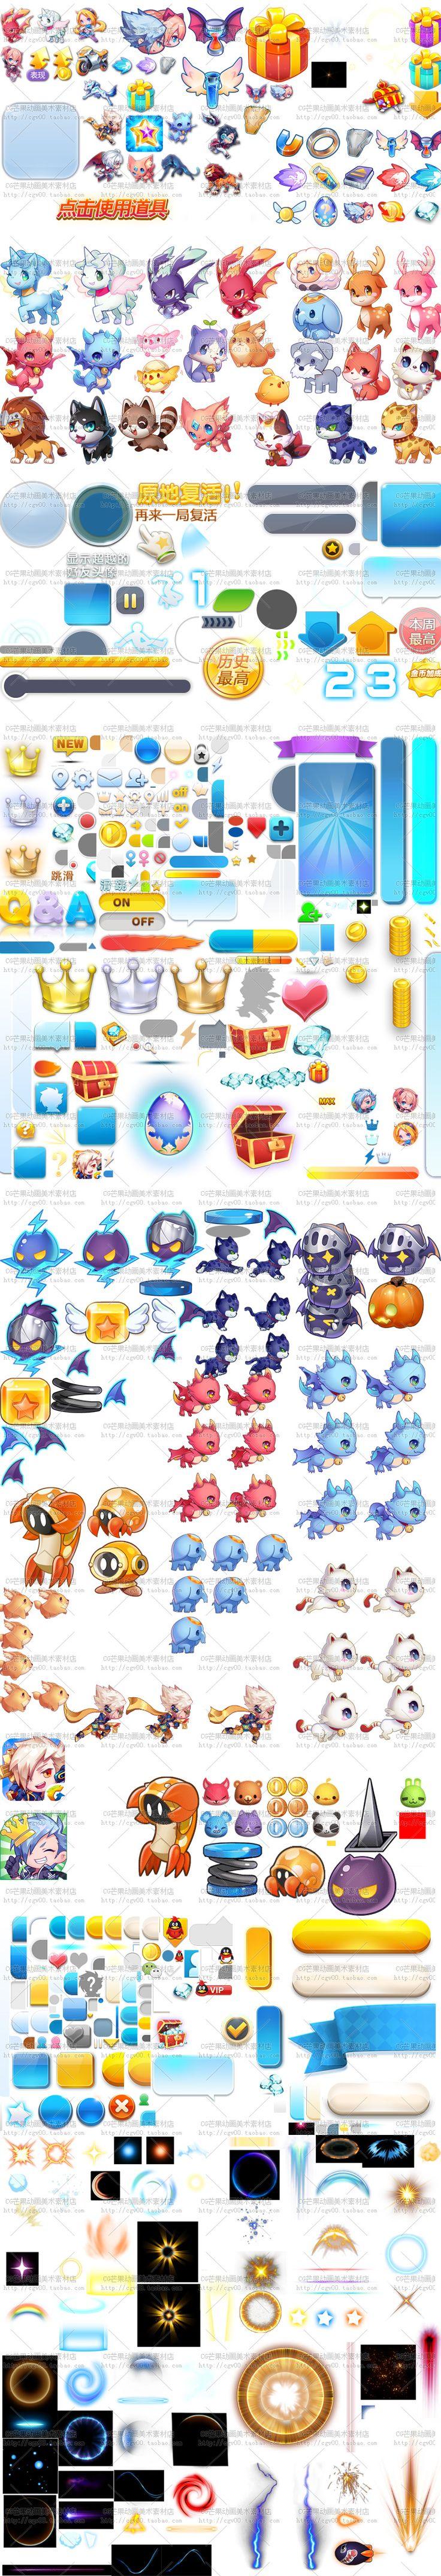 游戏美术资源/Q版跑酷类游戏UI素材/界面/图标ICON/PNG透明背景-淘宝网